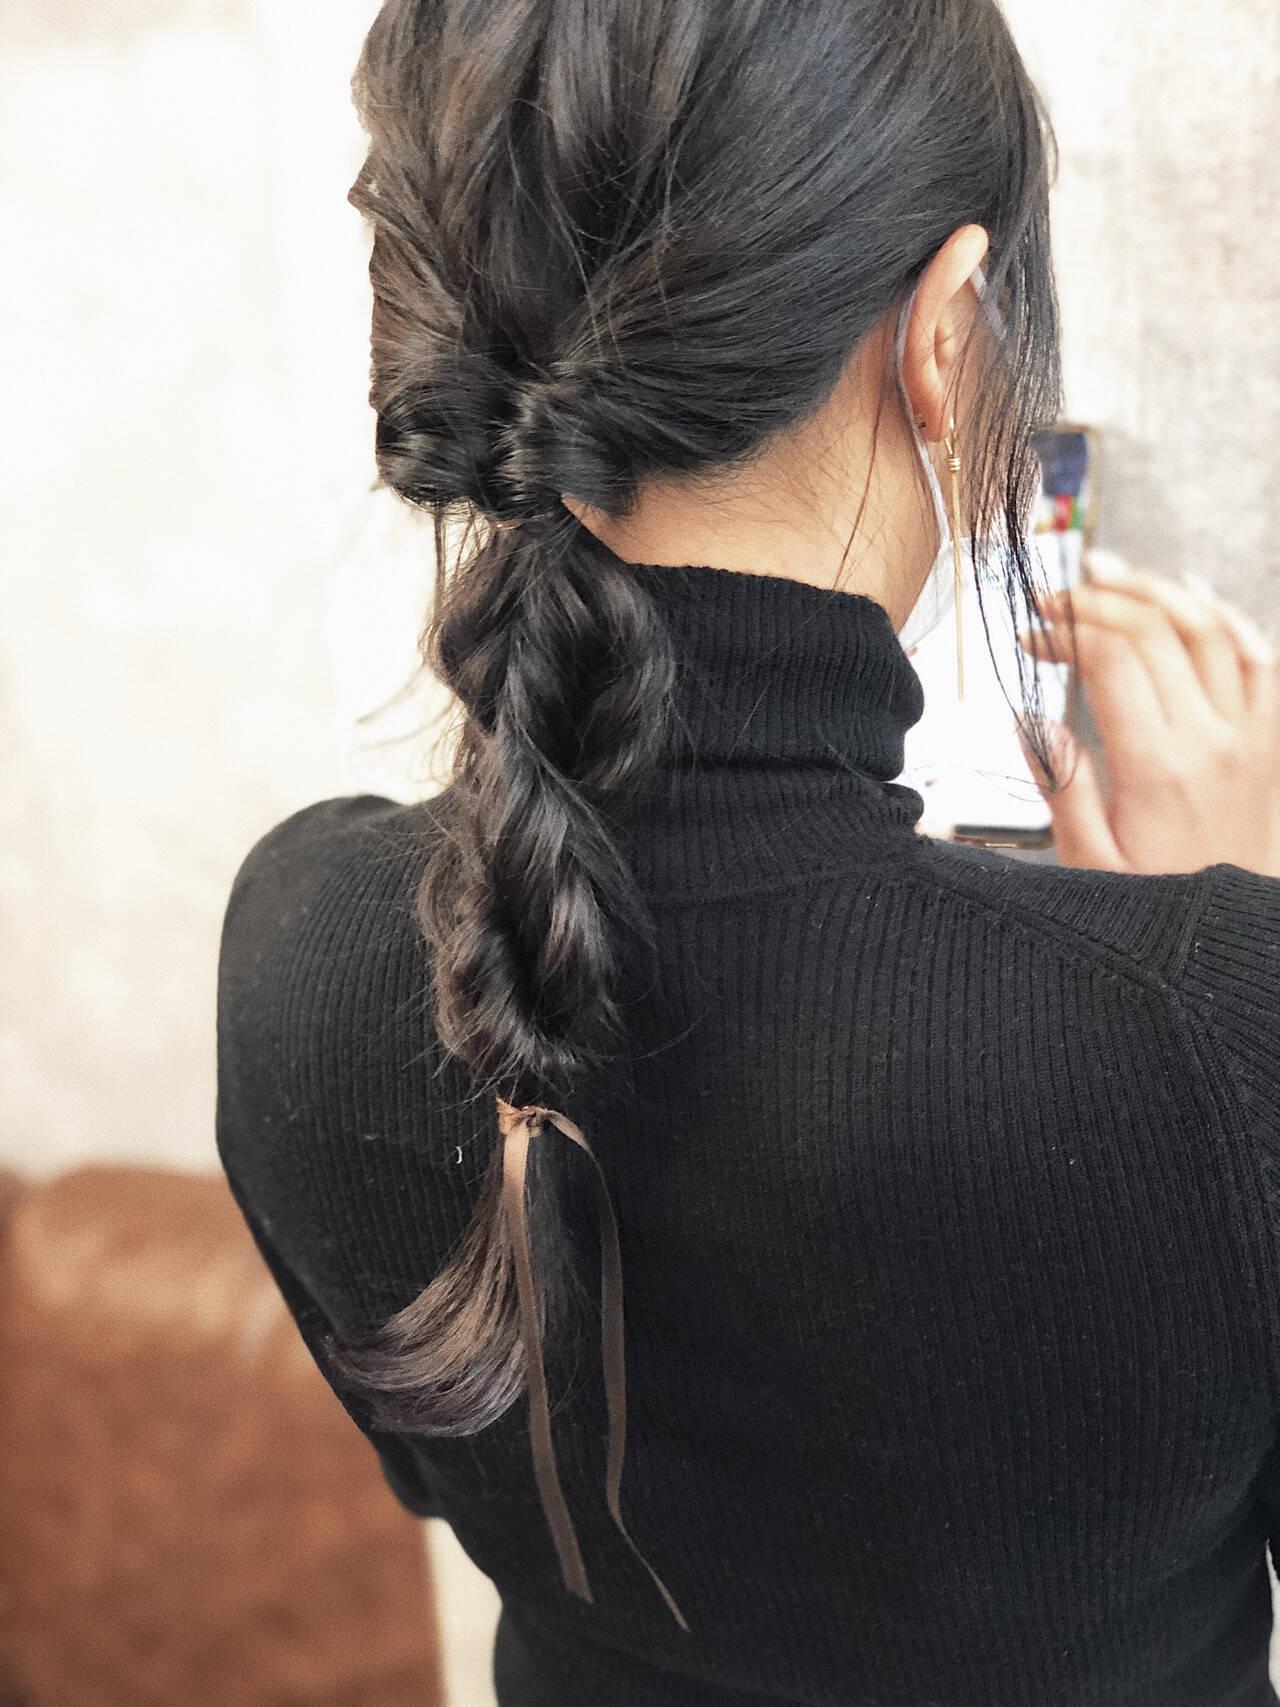 アンニュイほつれヘア ヘアアレンジ 編みおろしヘア ロングヘアスタイルや髪型の写真・画像